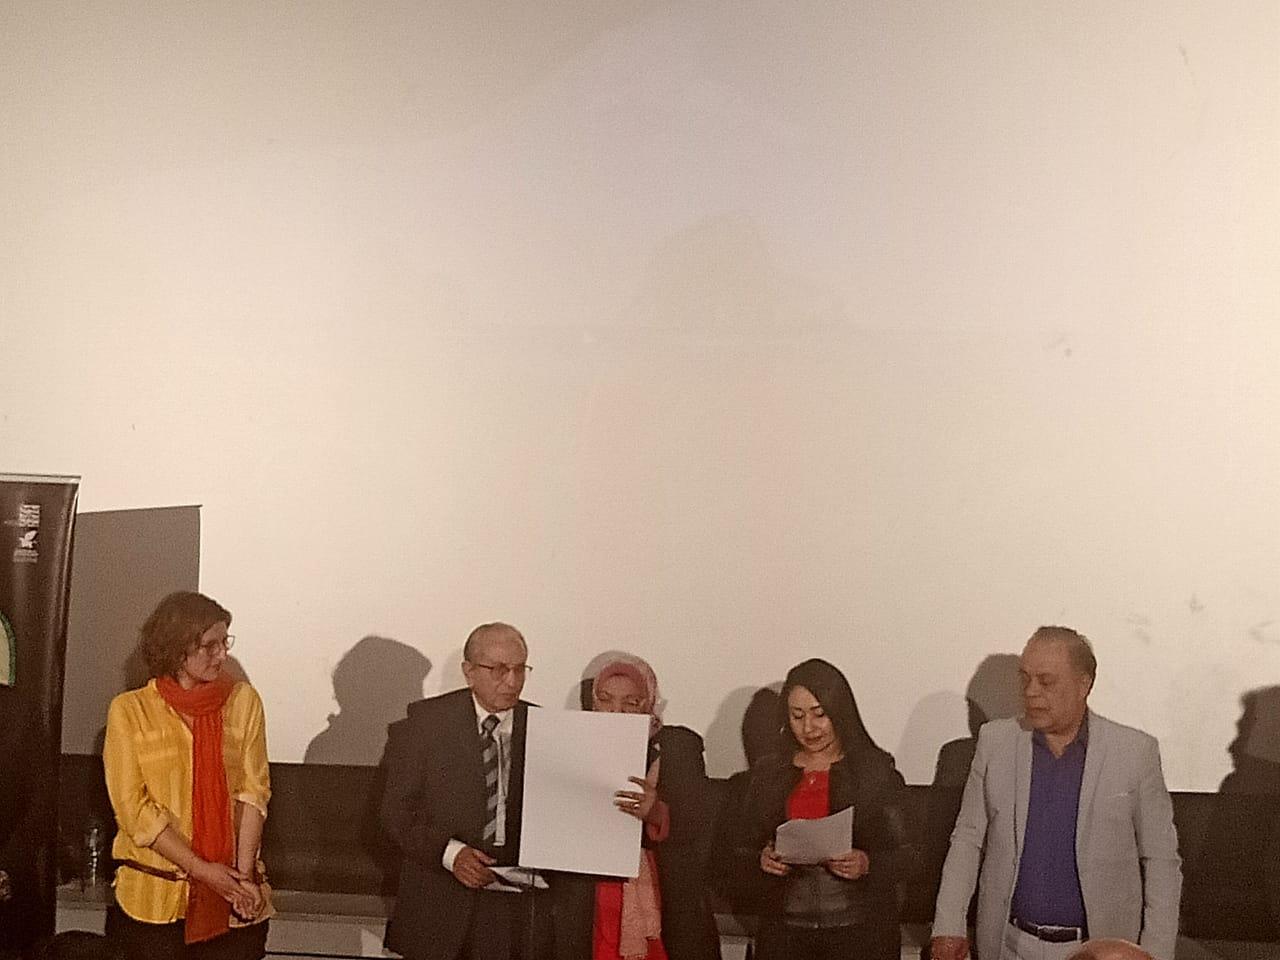 جوائز مهرجان القاهرة الدولي (5)